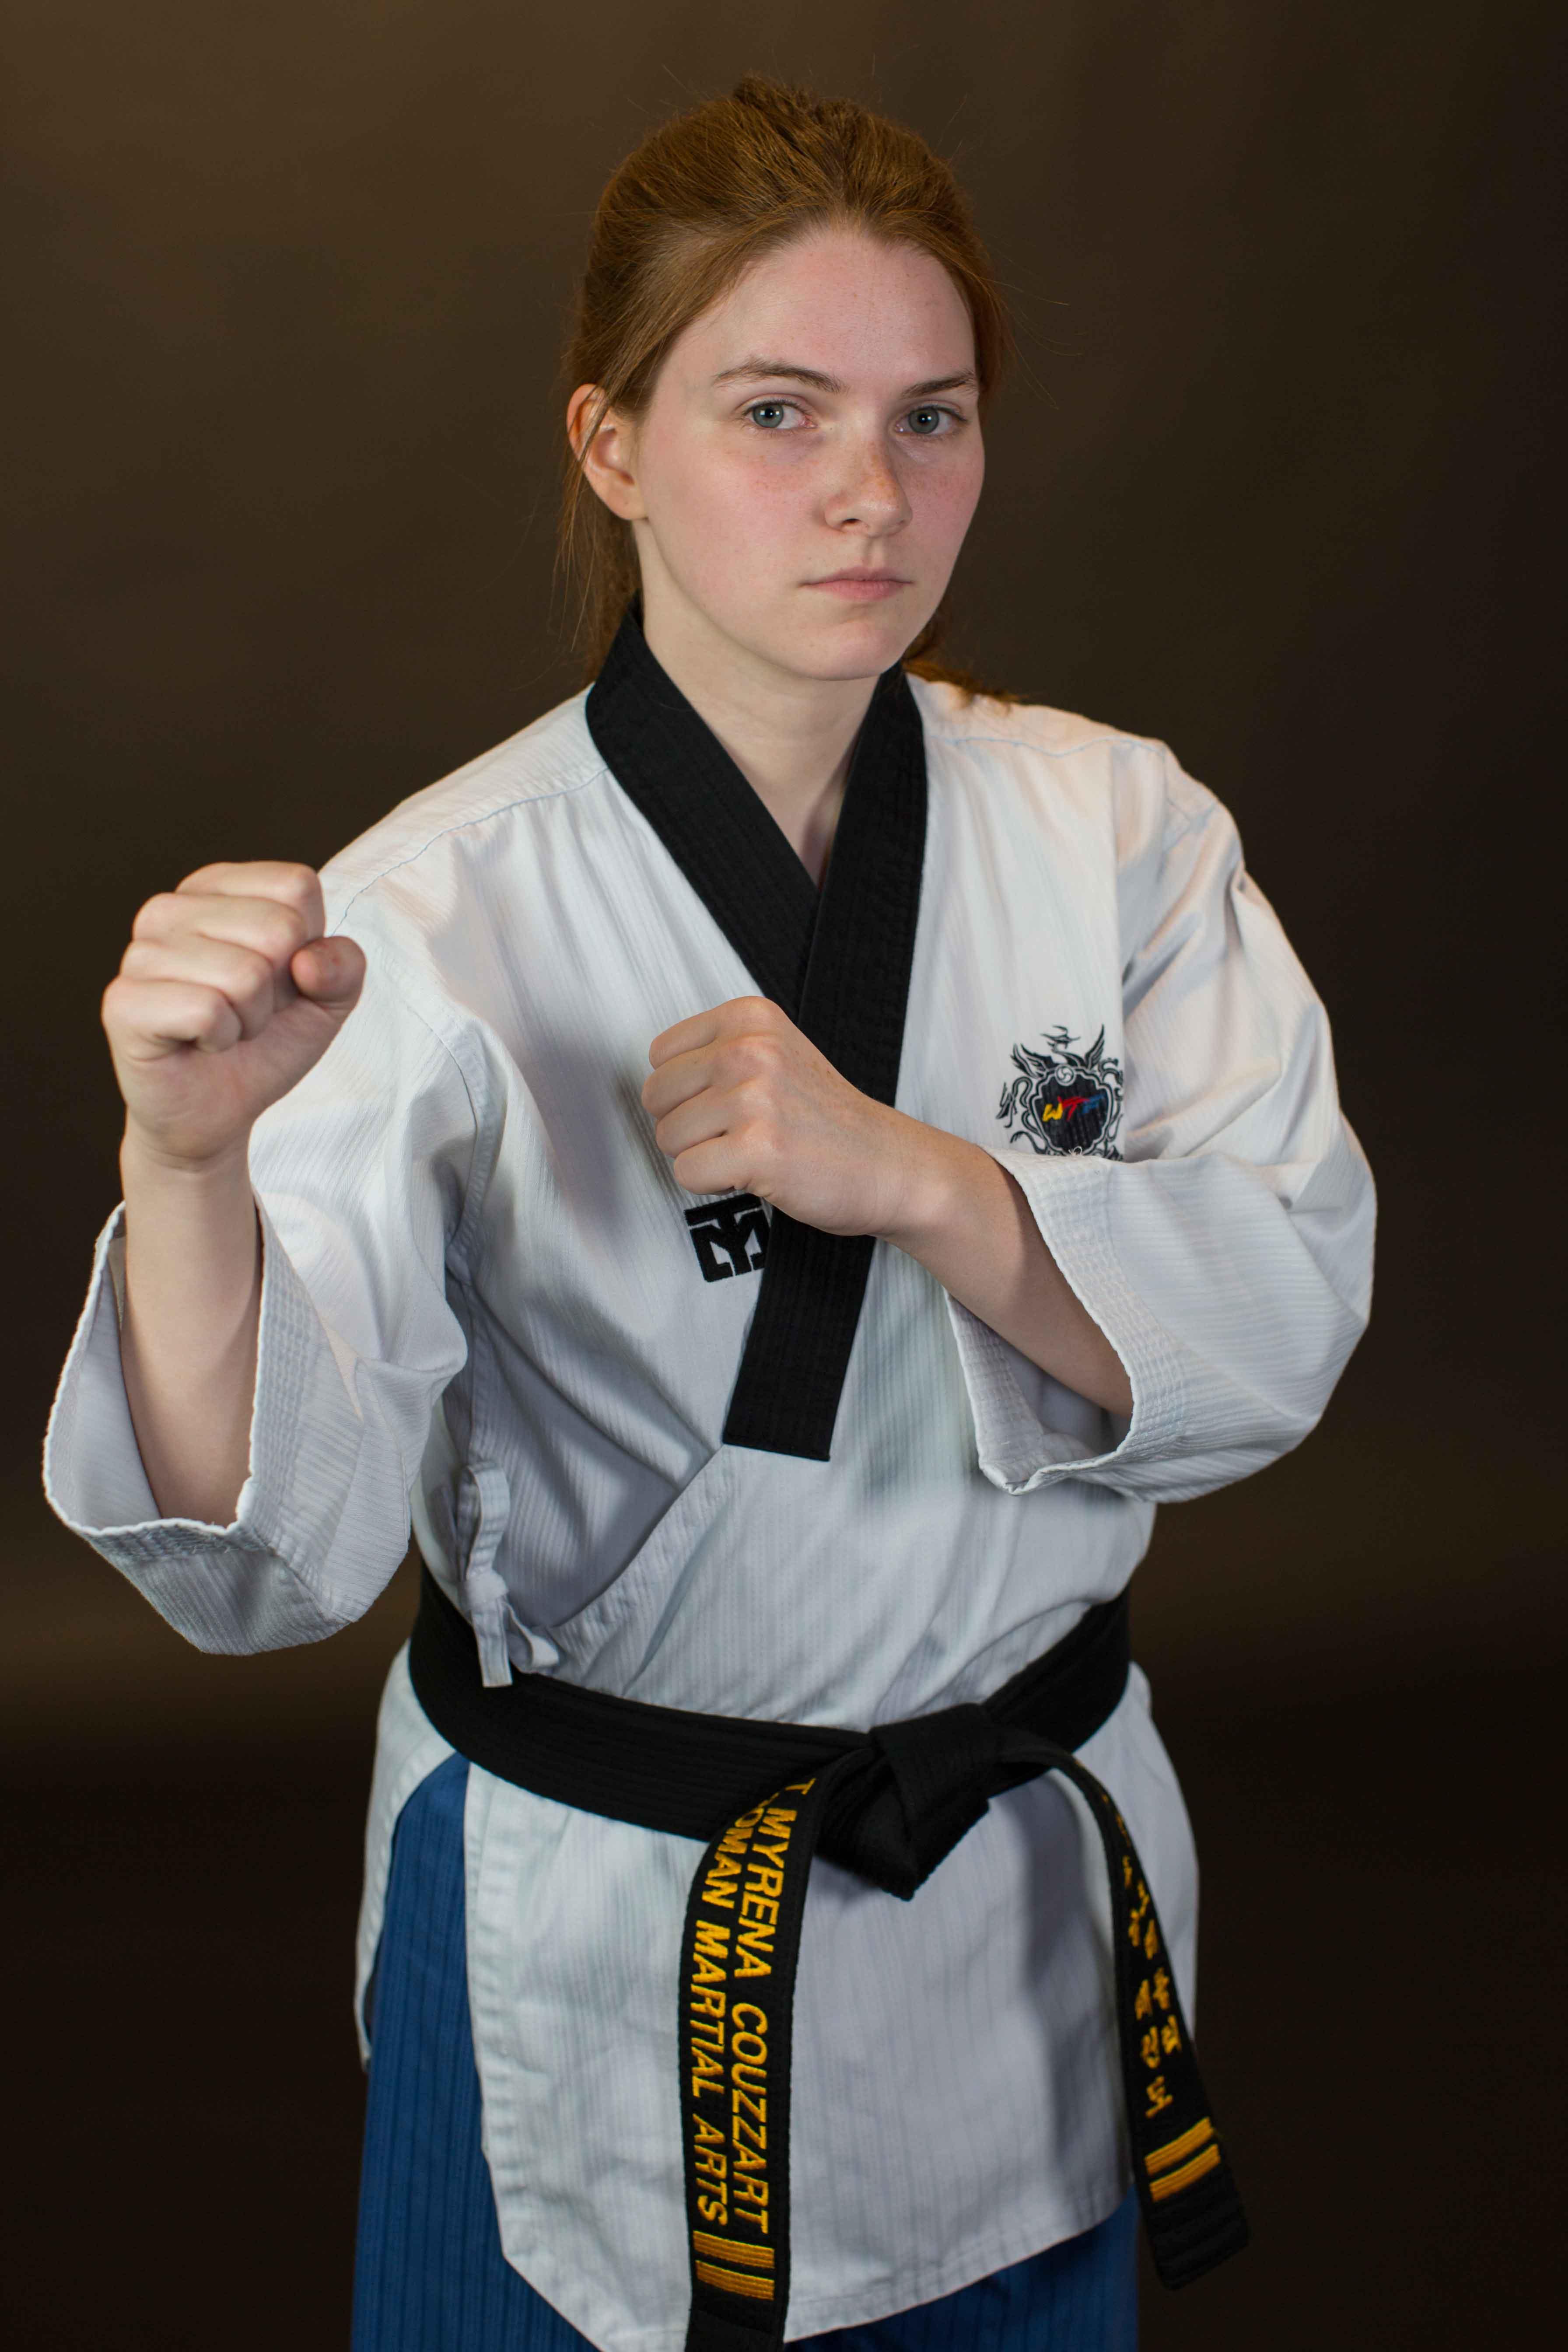 student in martial arts uniform